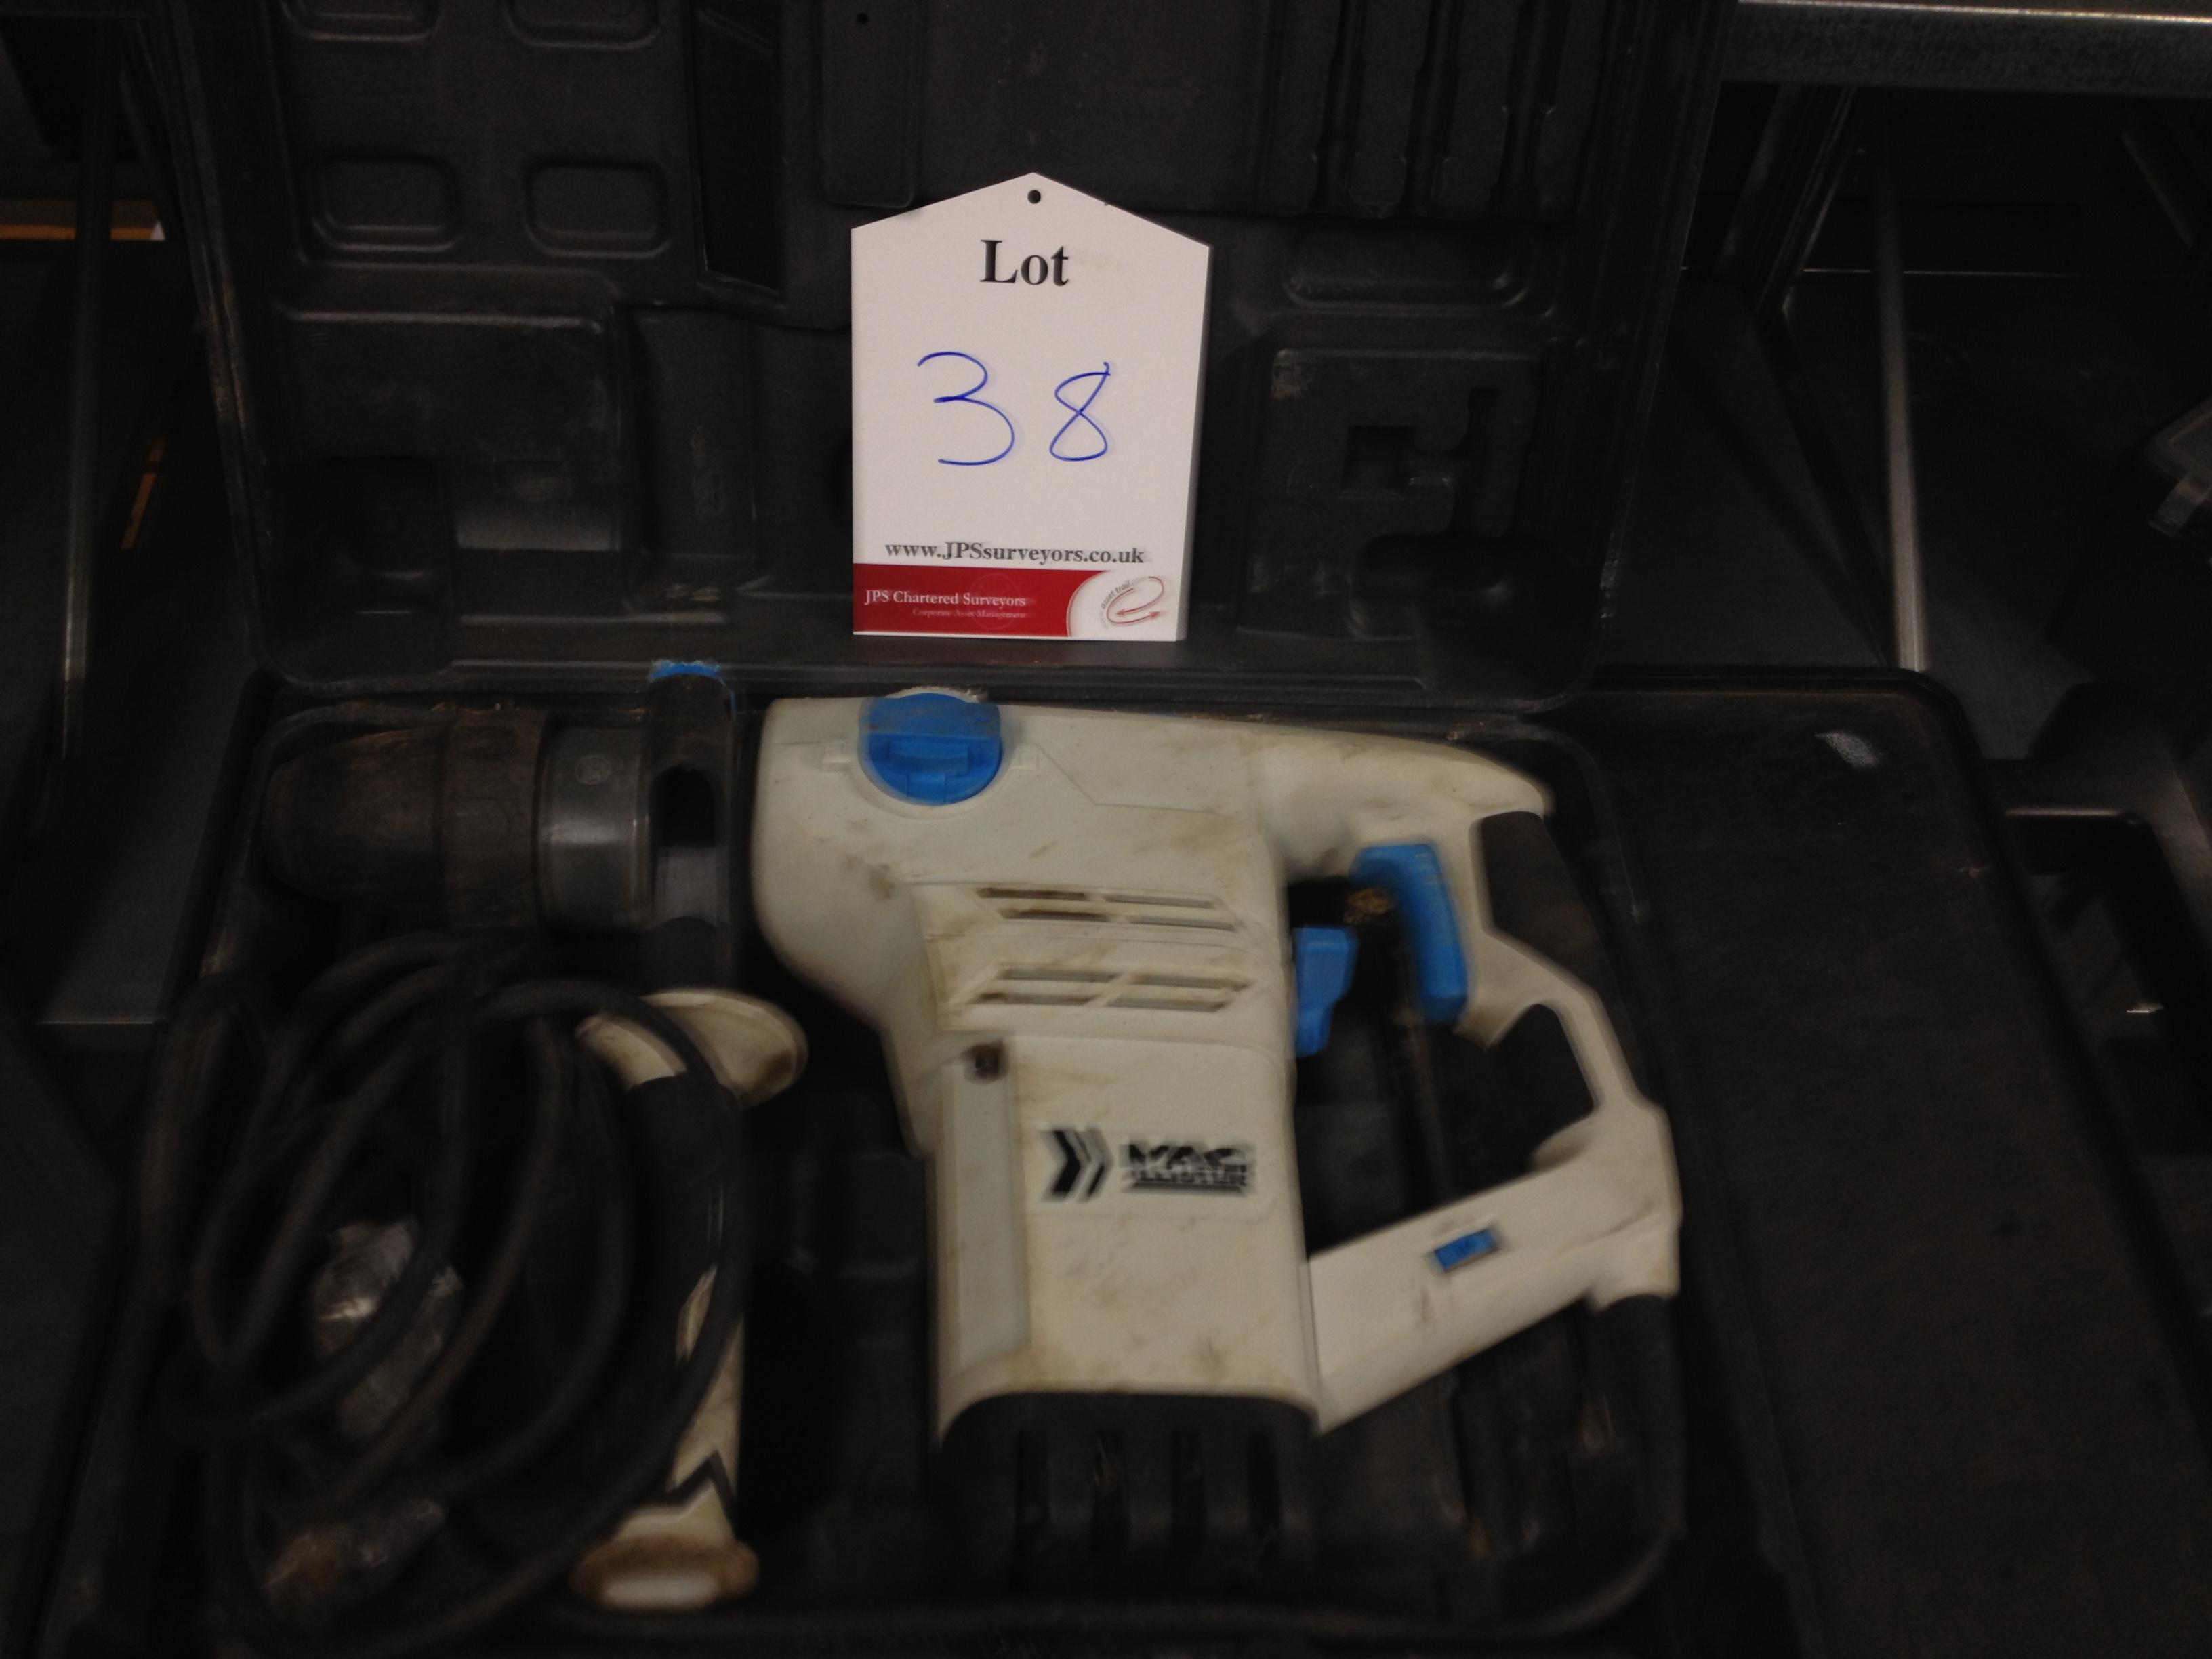 1 x Macallister Roatary Hammer Drill